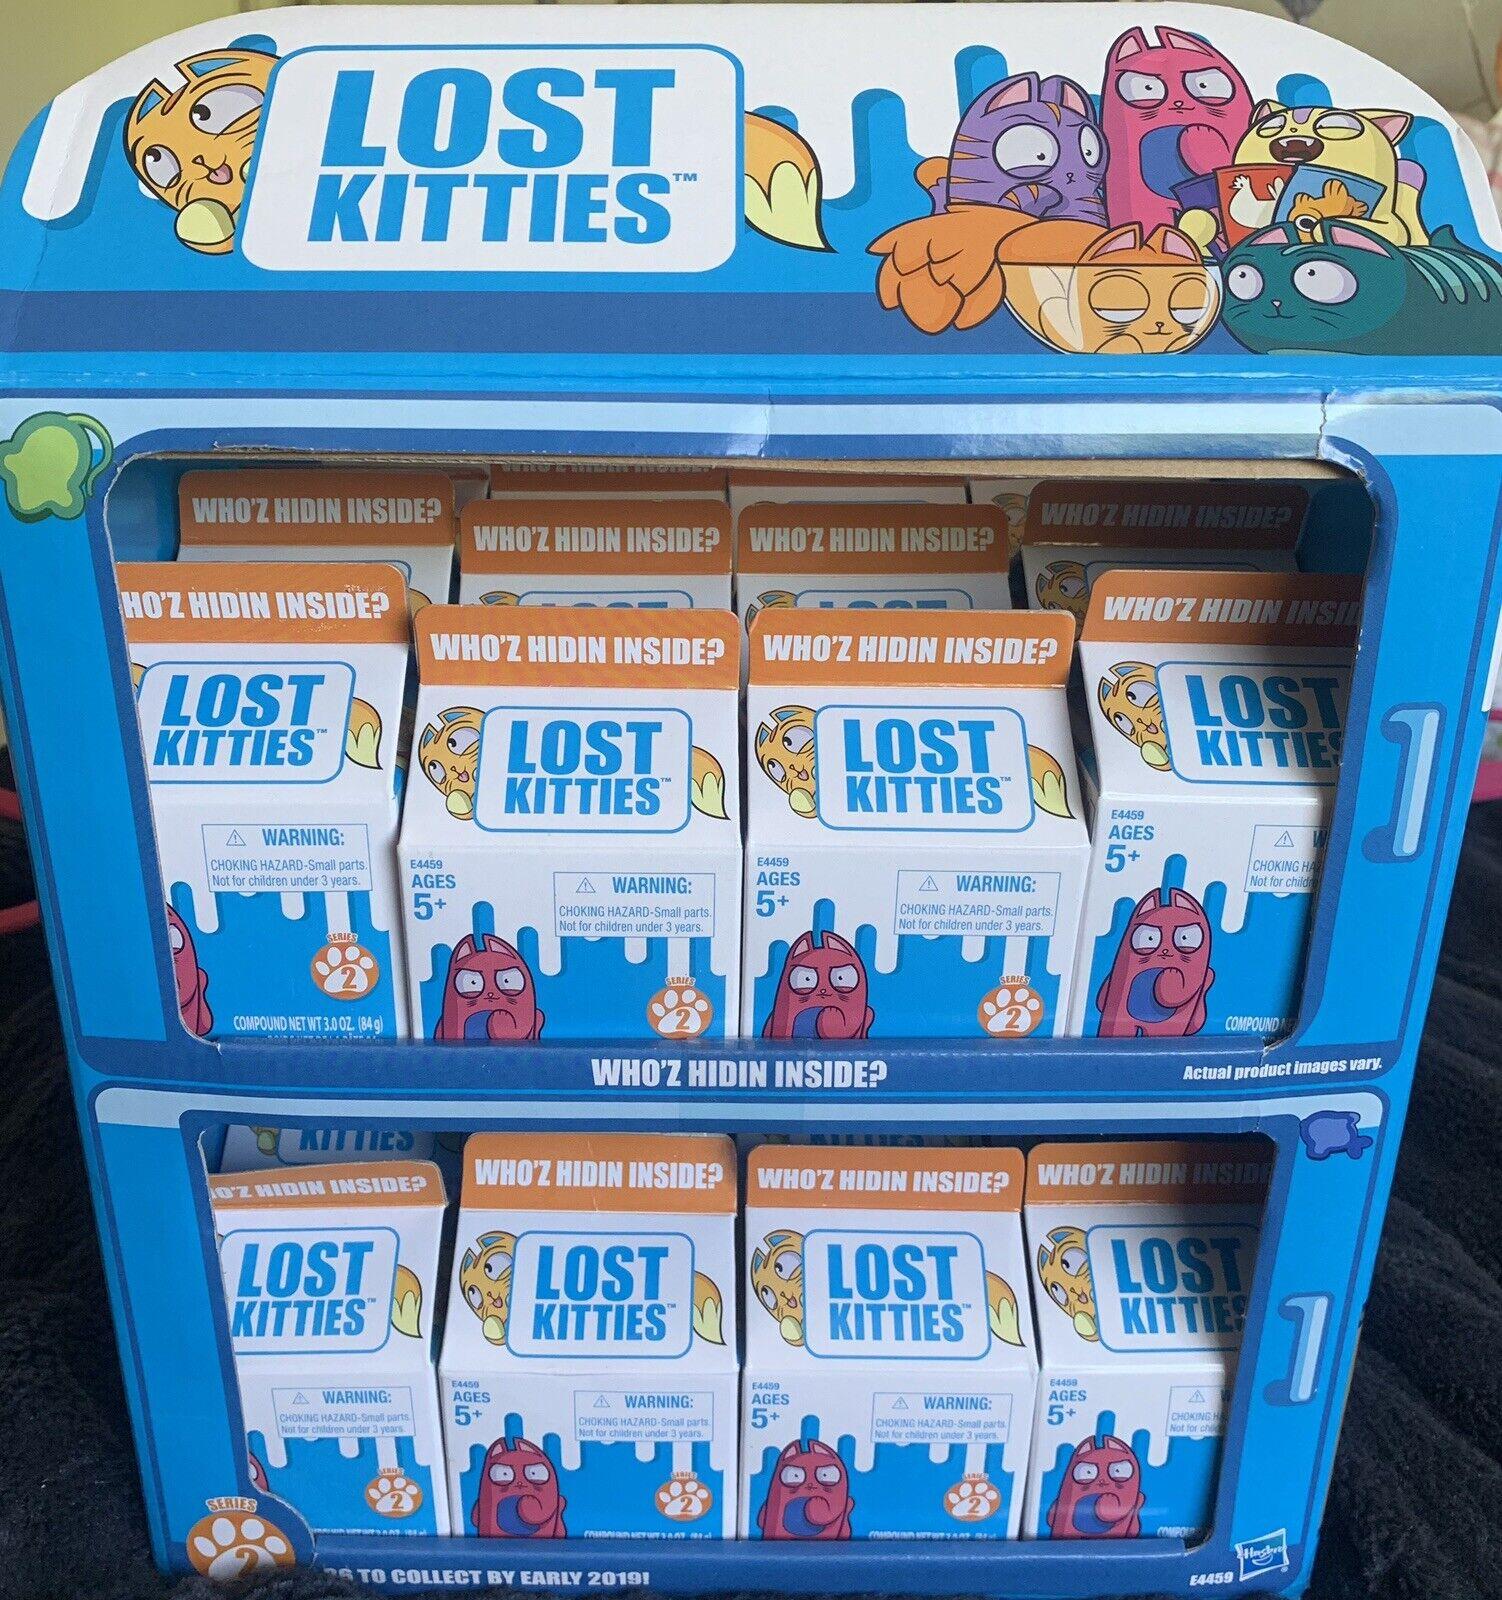 24  Lost Kitties Series 2 Who'z Hidin Inside nuovo Hasbro  No Display scatola  negozio di vendita outlet